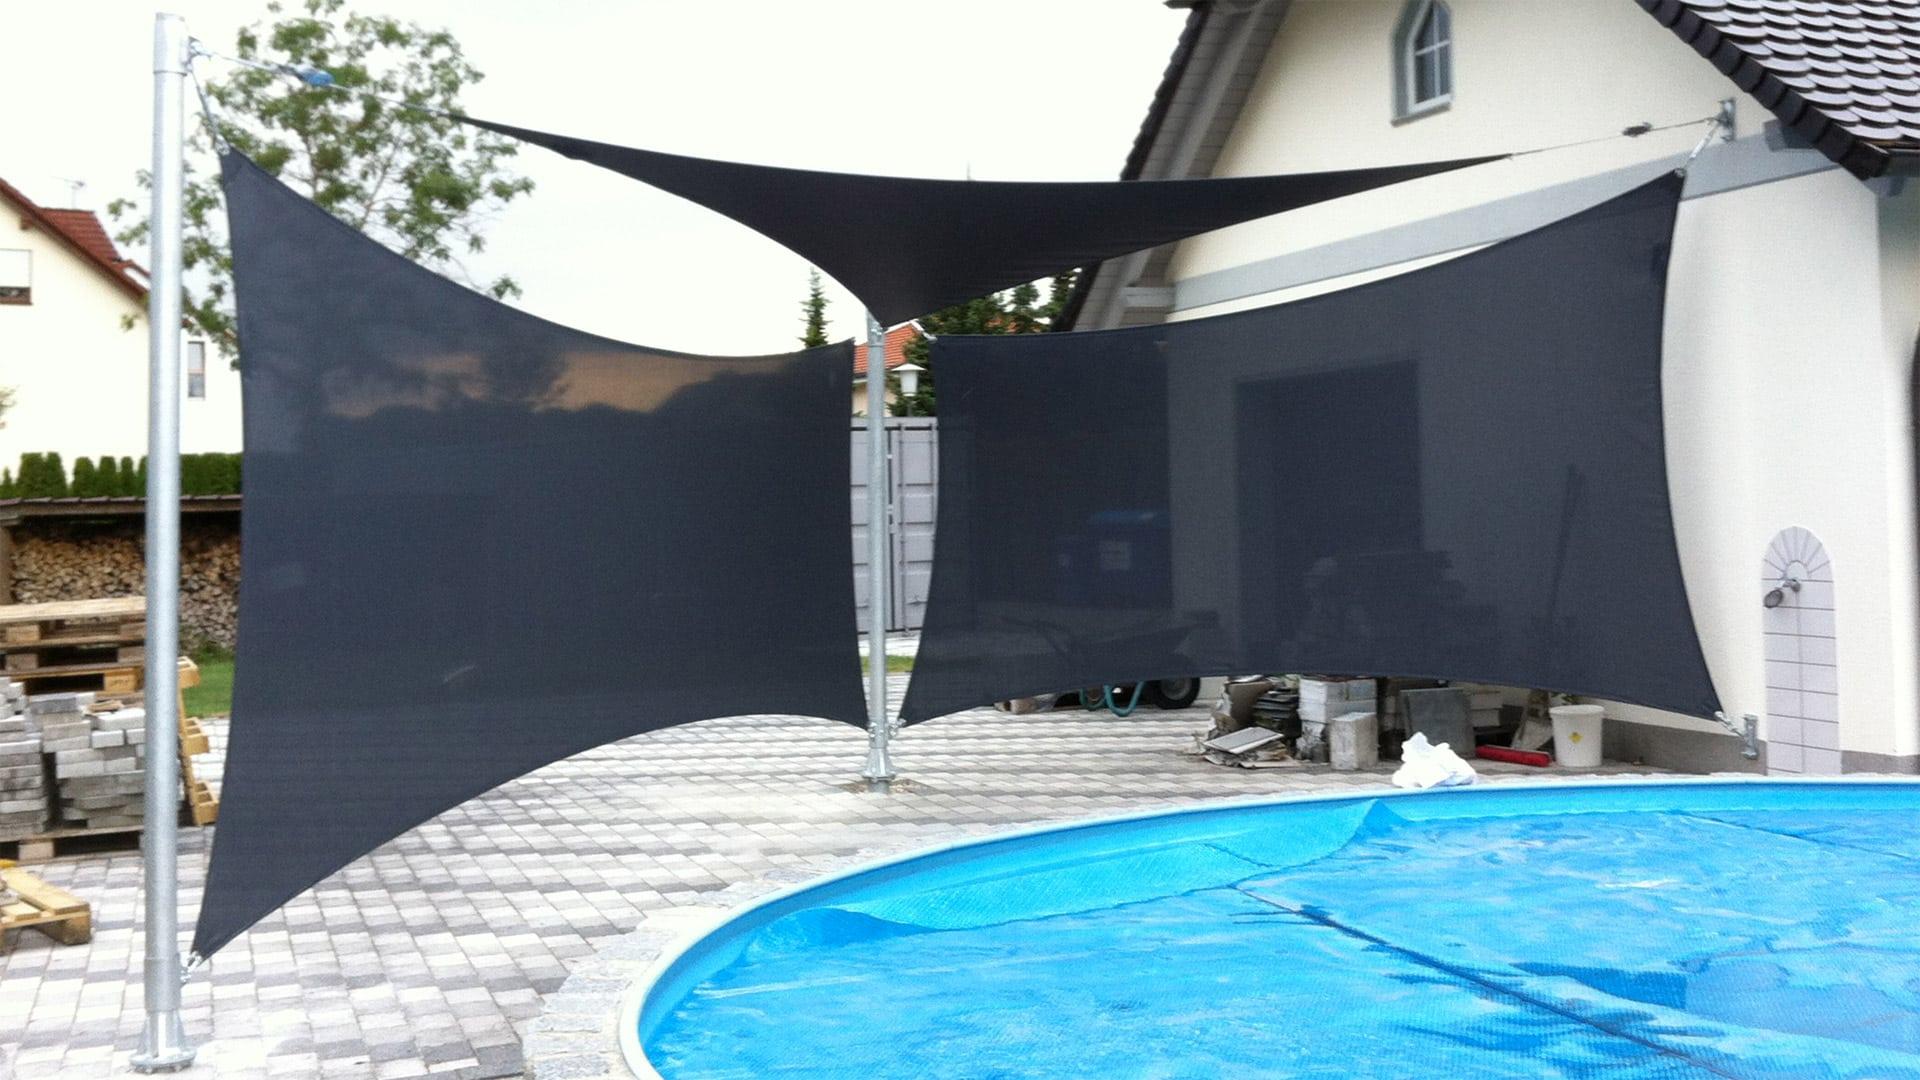 Sonnensegel als Saisonsegel als Sonnenschutz und Sichtschutz am Pool